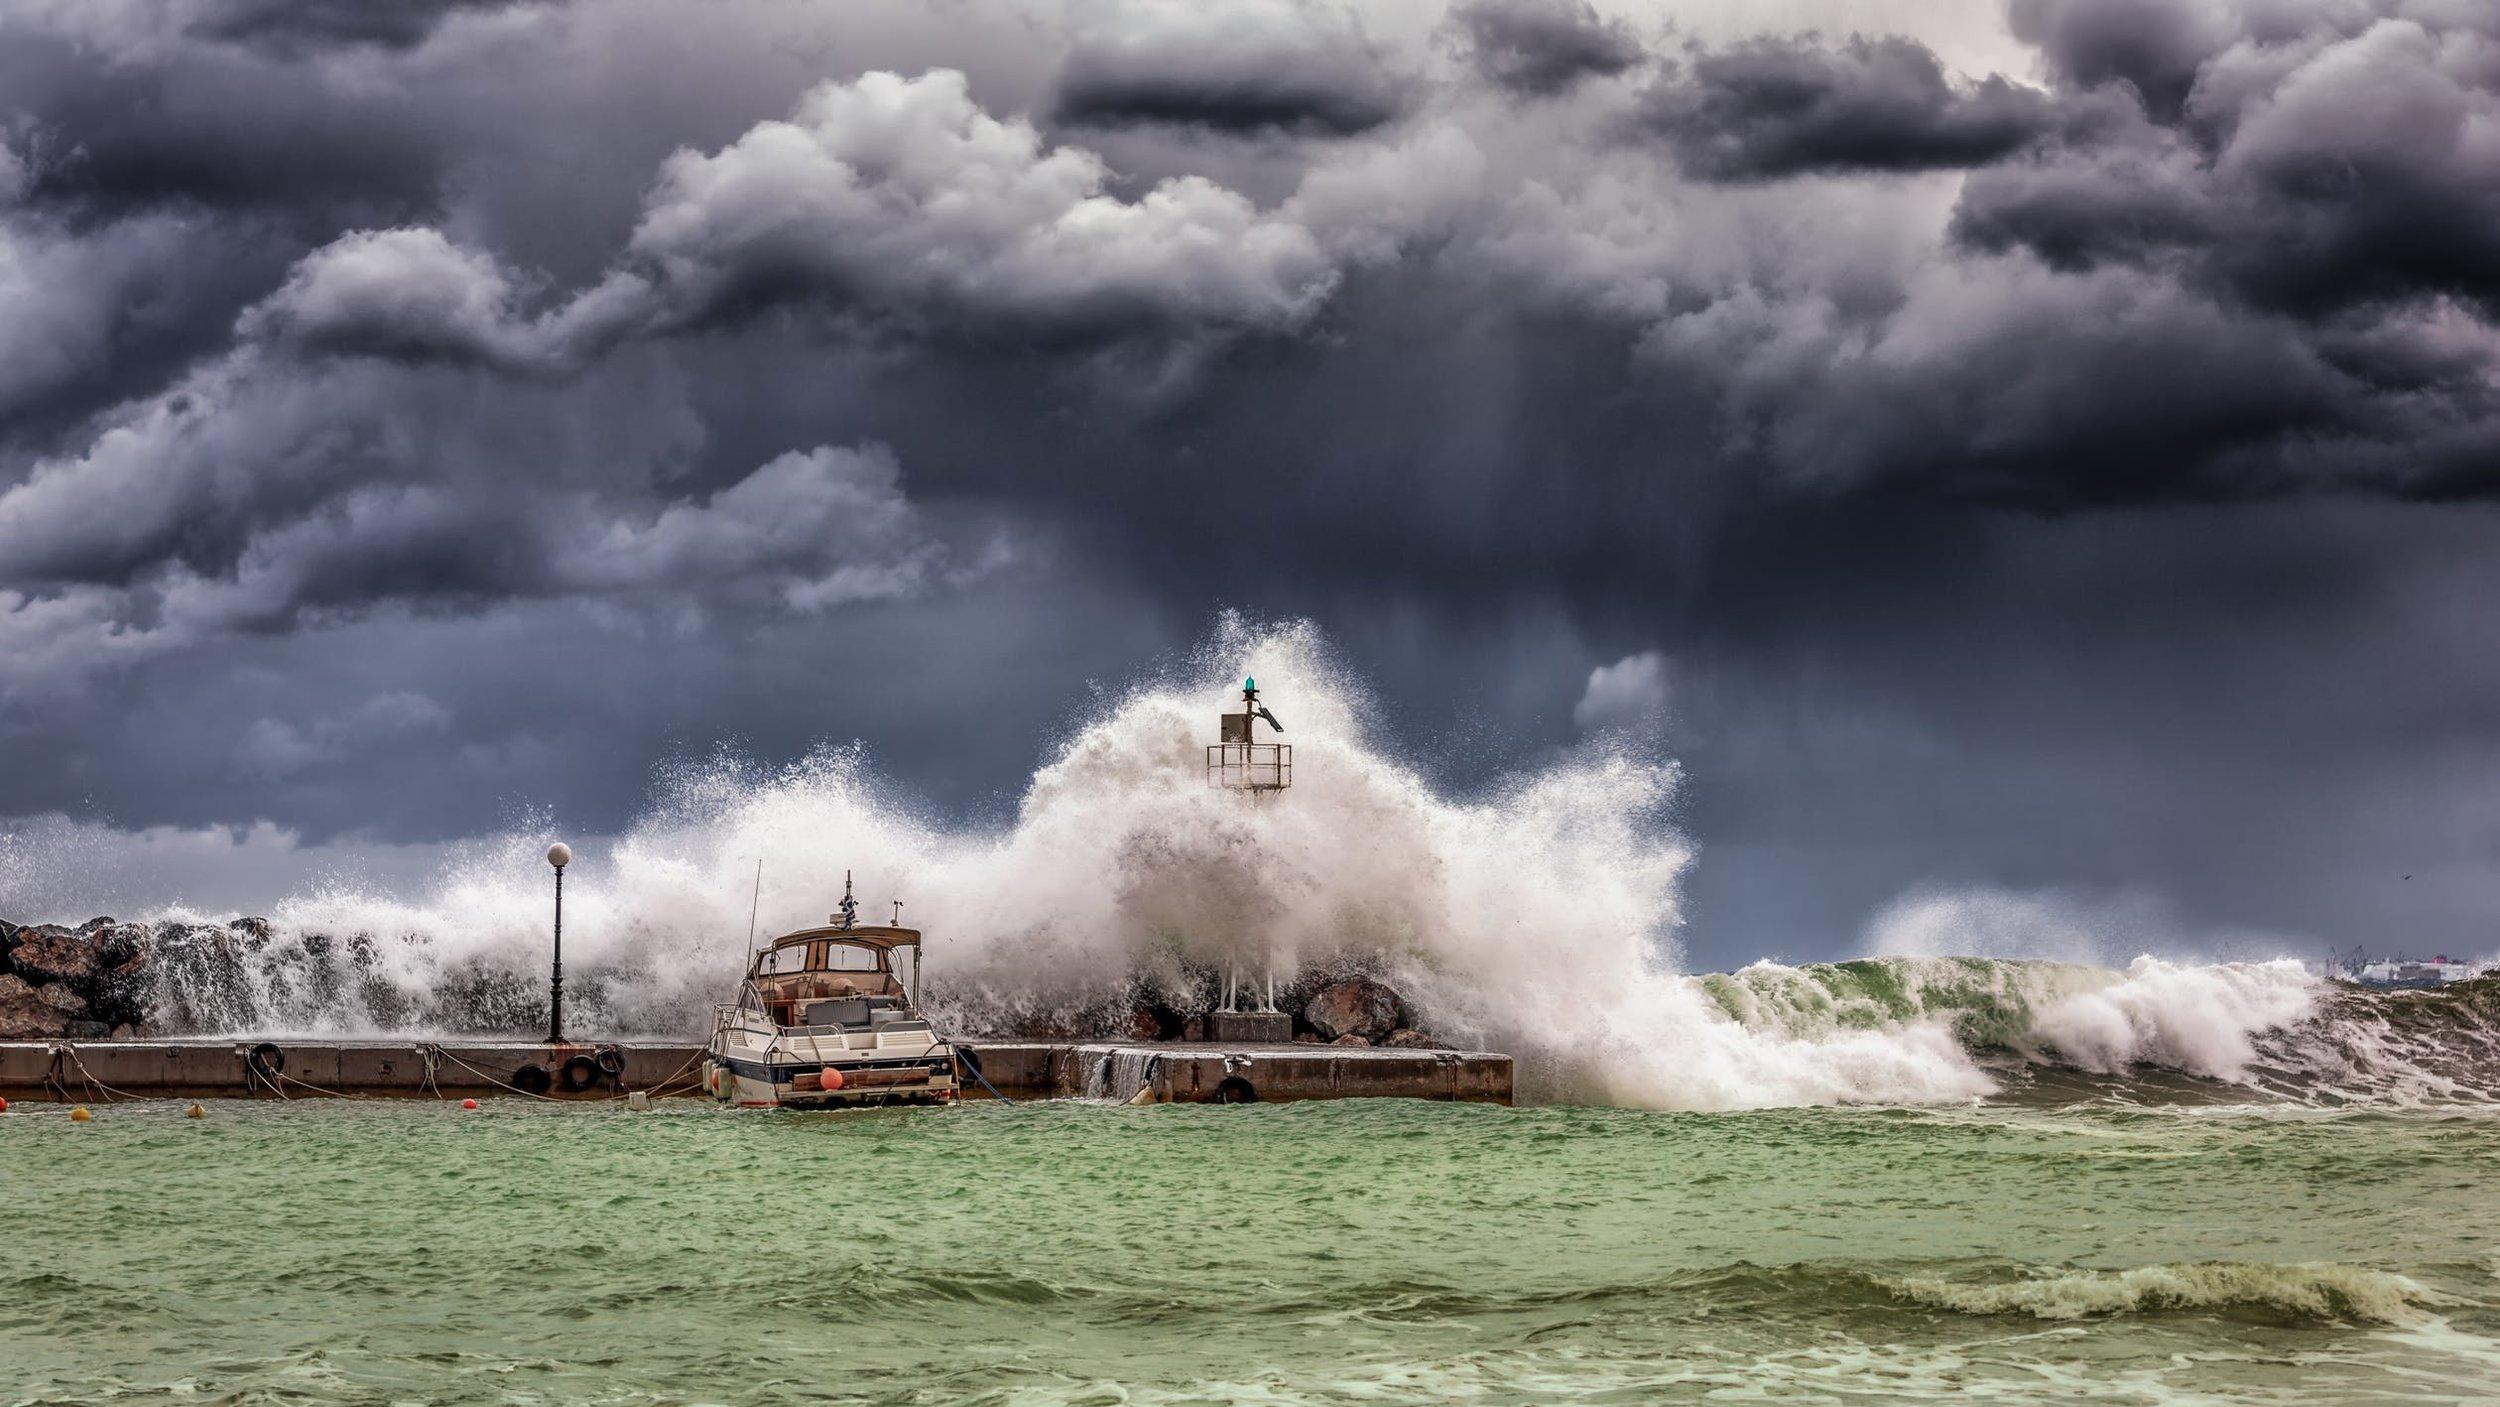 L'ouragan Lorenzo va frapper tout l'archipel des Açores avec des vents de plus de 180 km/h